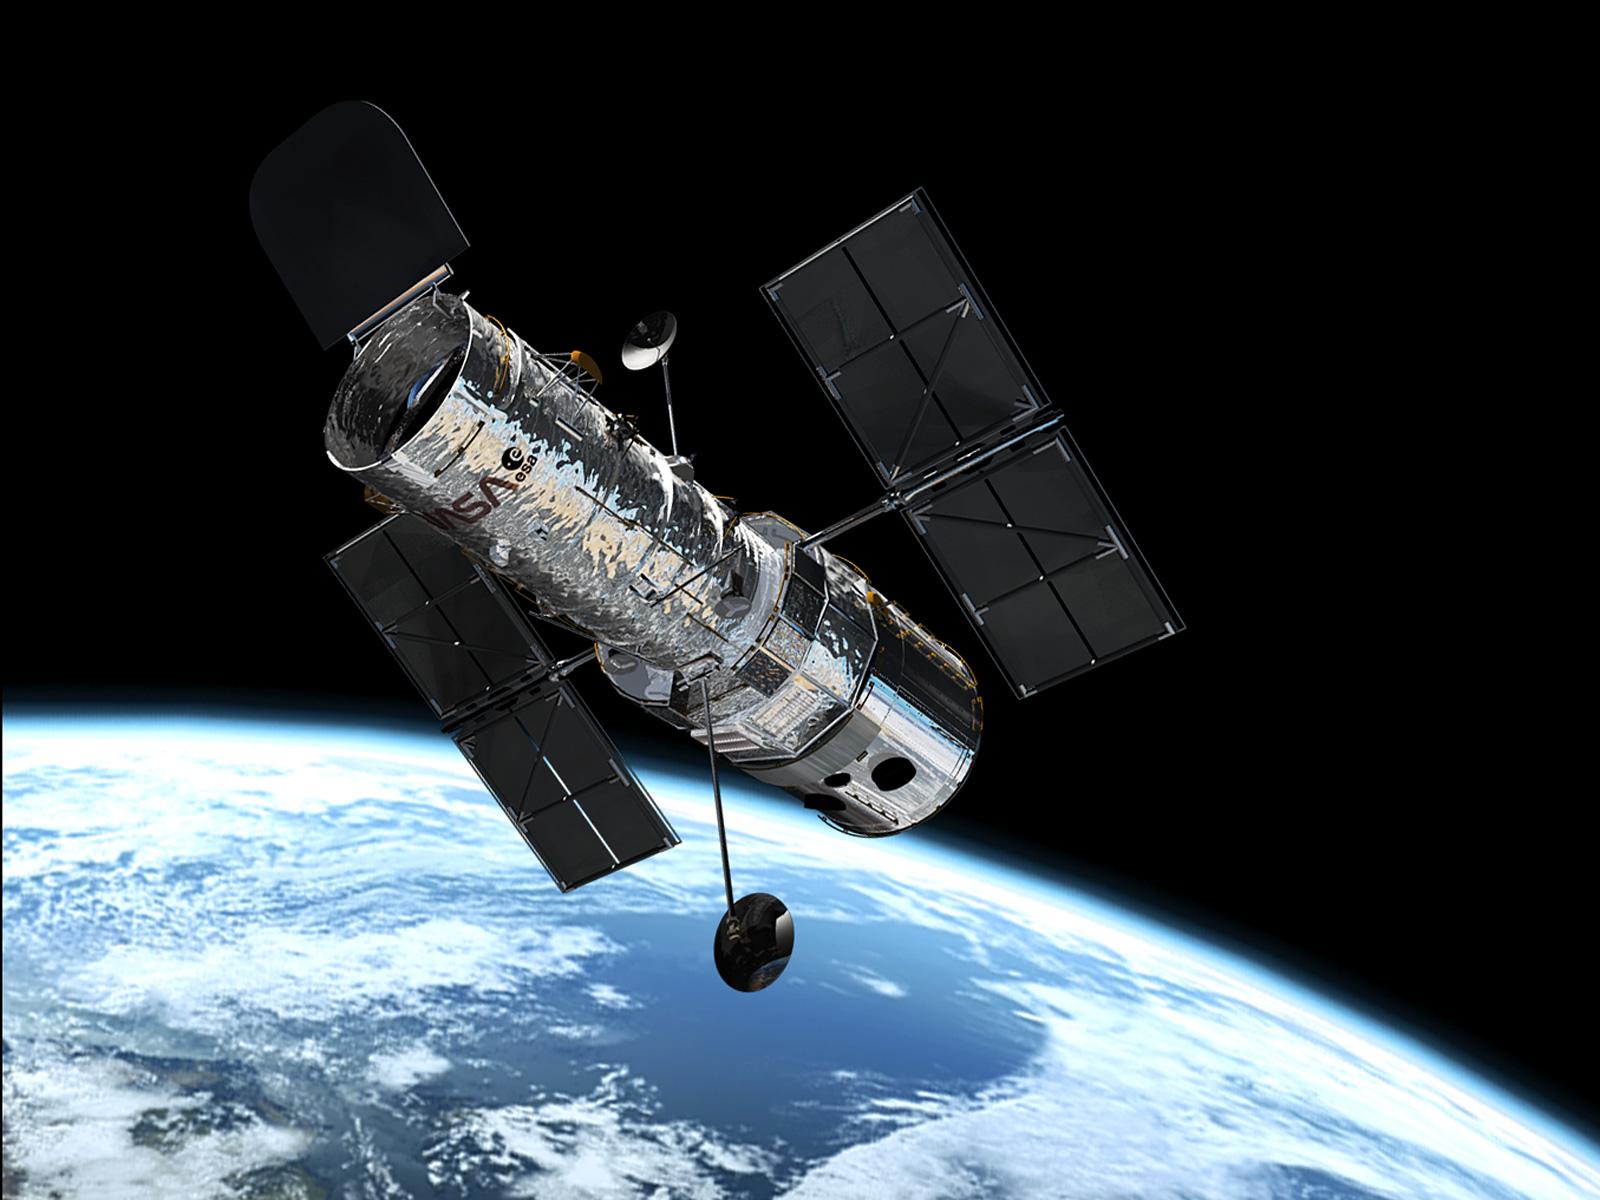 2013-10-17-hubble_in_orbit1.jpg